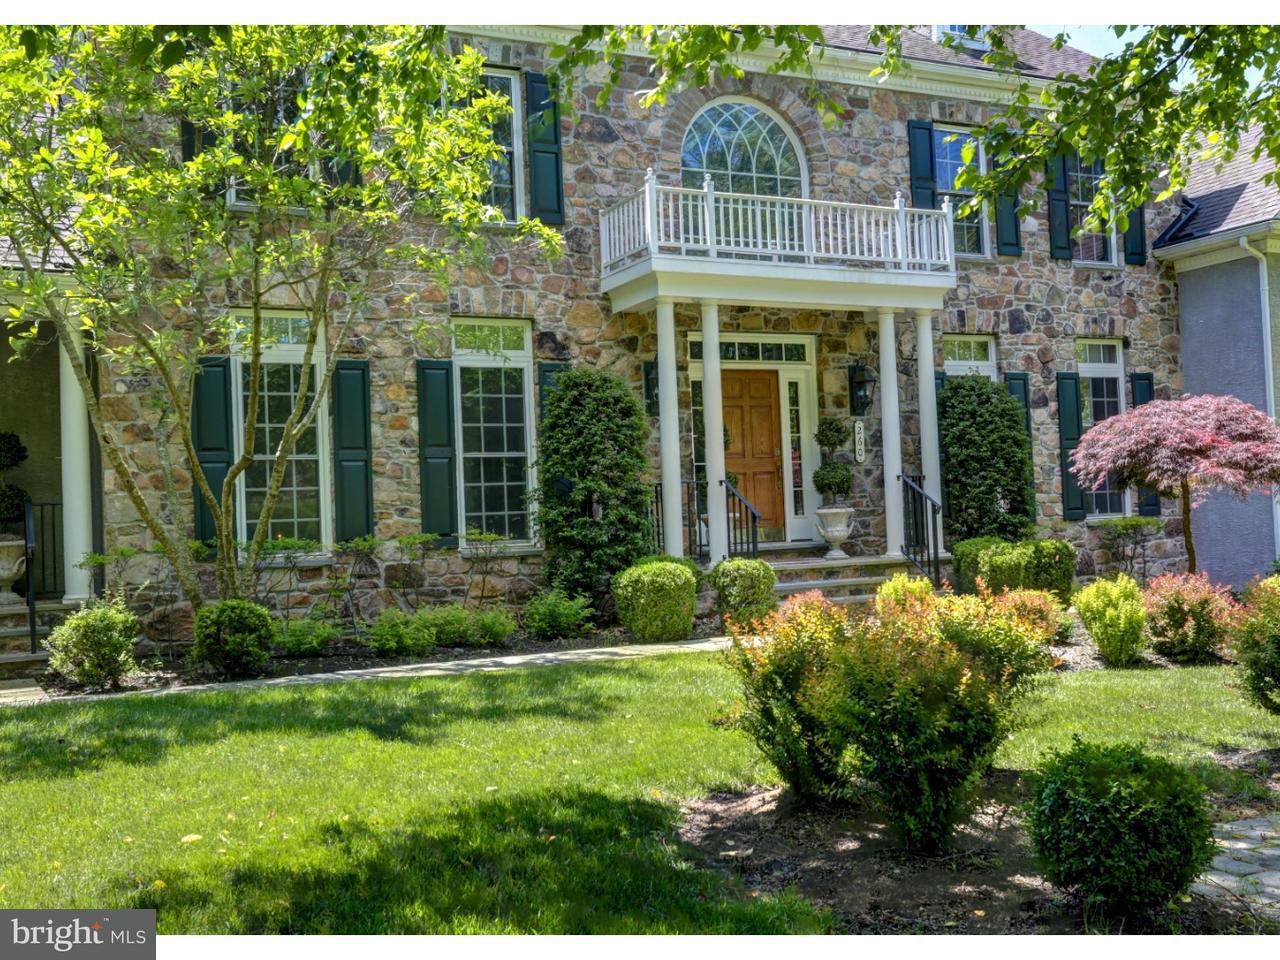 Частный односемейный дом для того Продажа на 260 VALLEY PARK Phoenixville, Пенсильвания 19460 Соединенные Штаты